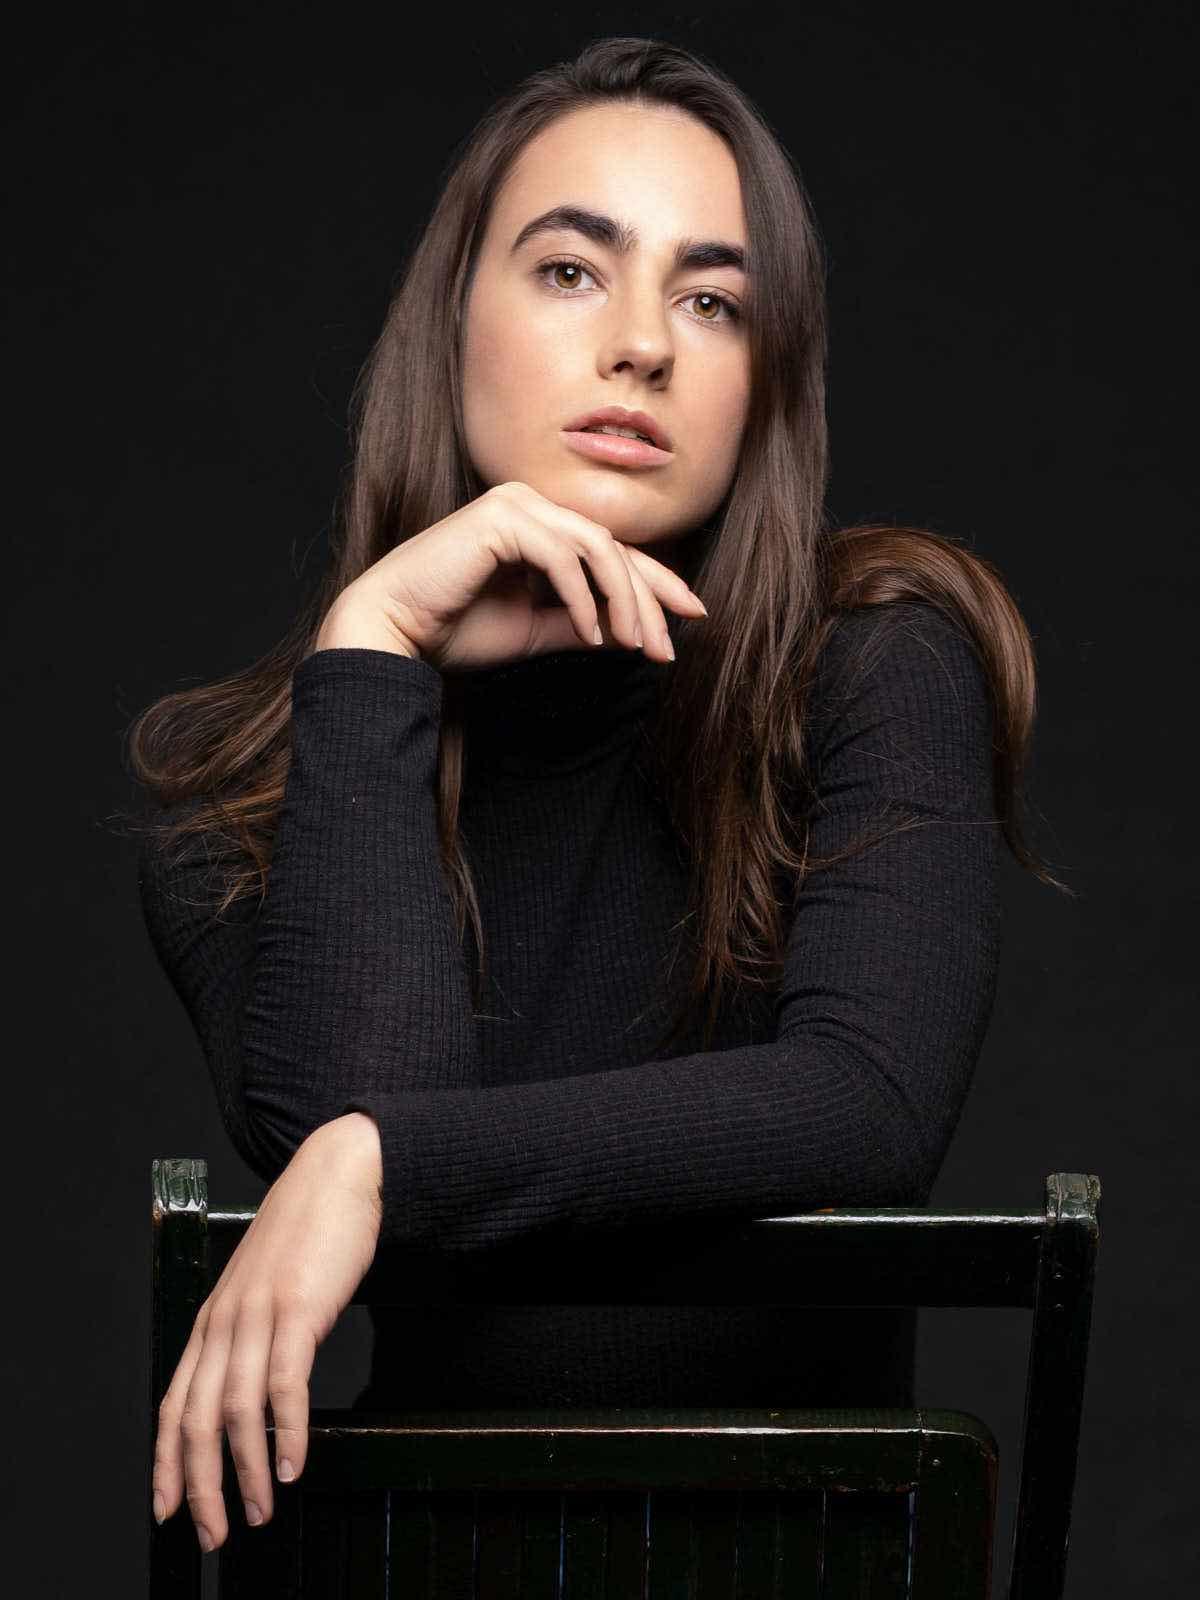 sce-agency-female-model-julia-s-5aaa